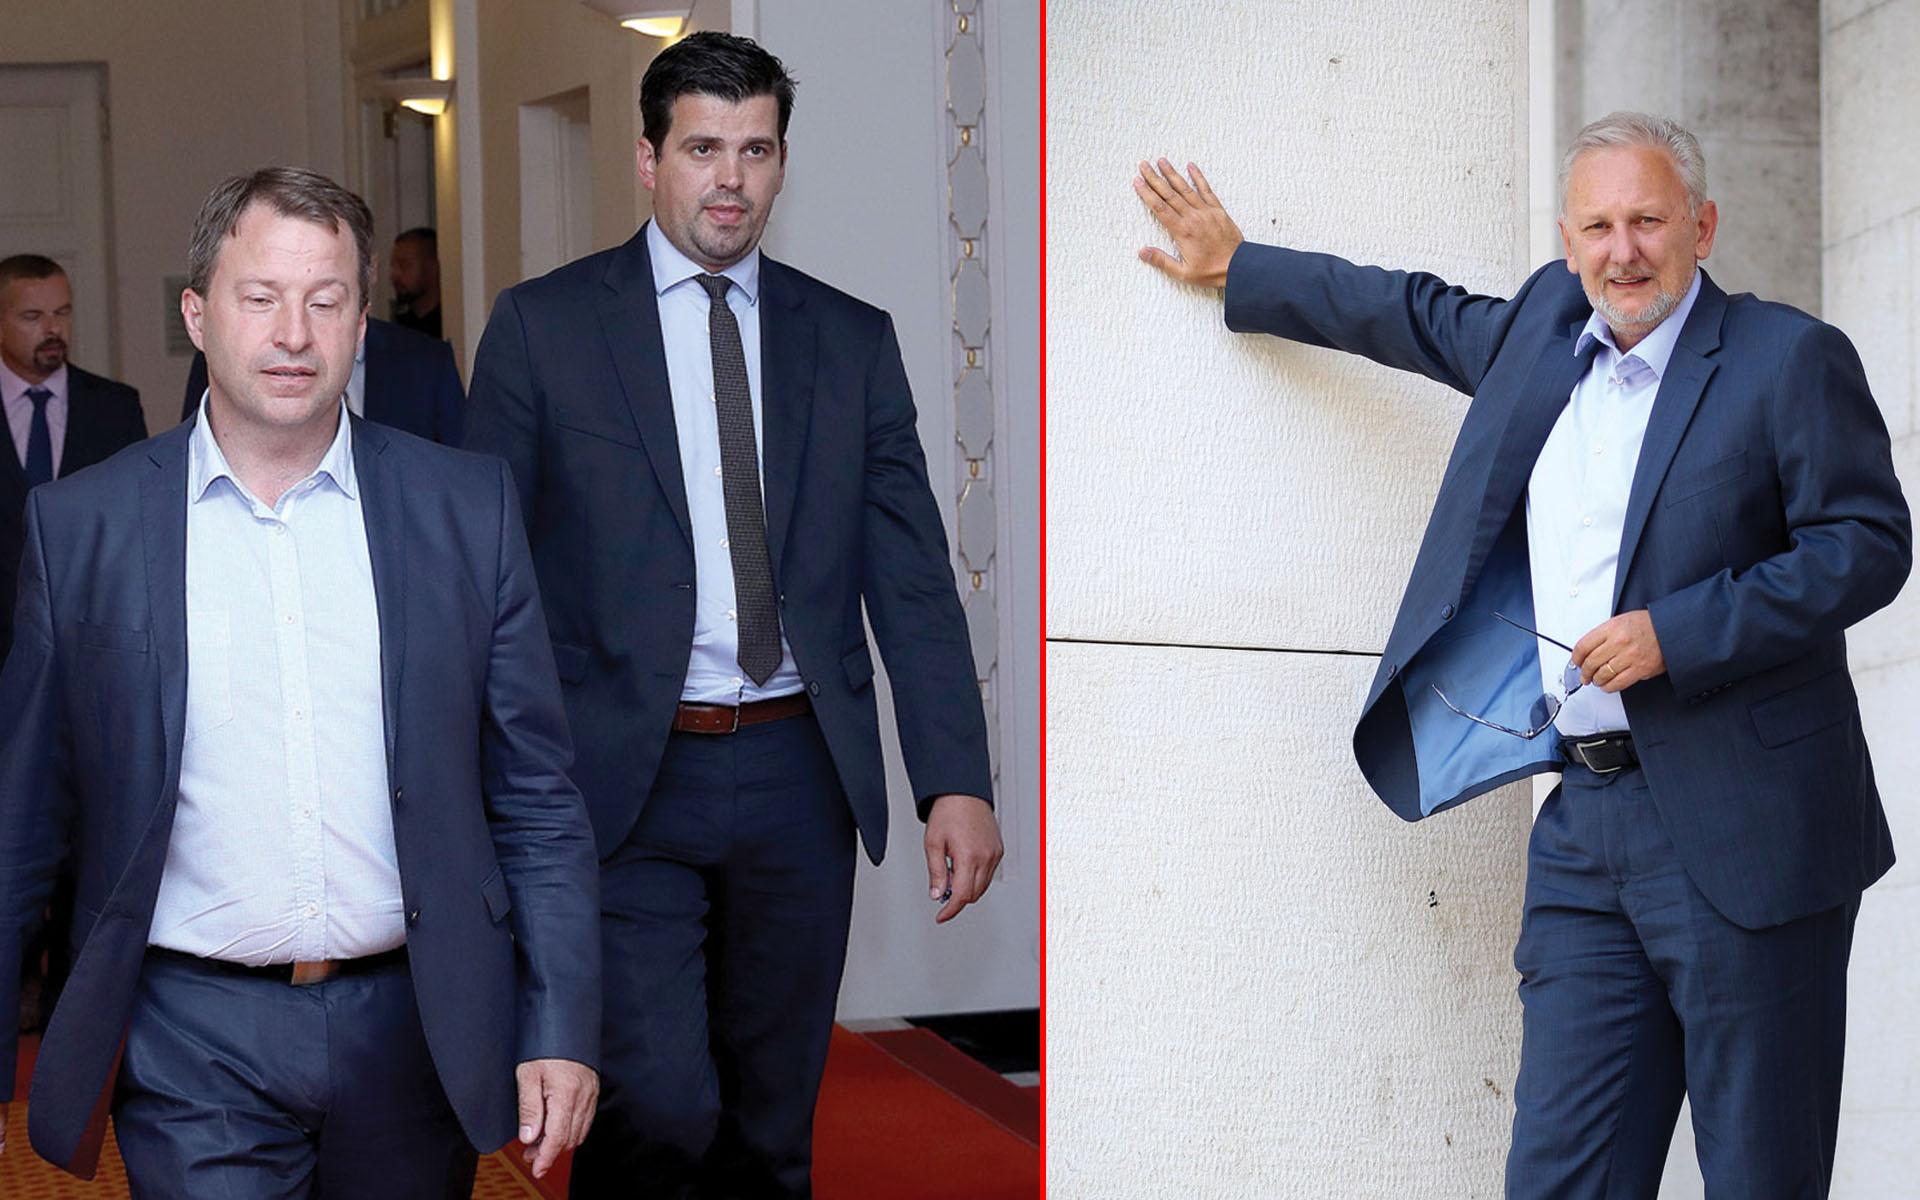 Čikotić: 'Božinović mi je u siječnju rekao da će Most platiti zbog protivljenja privatizaciji HEP-a'; Božinović: 'To je apsolutna neistina'